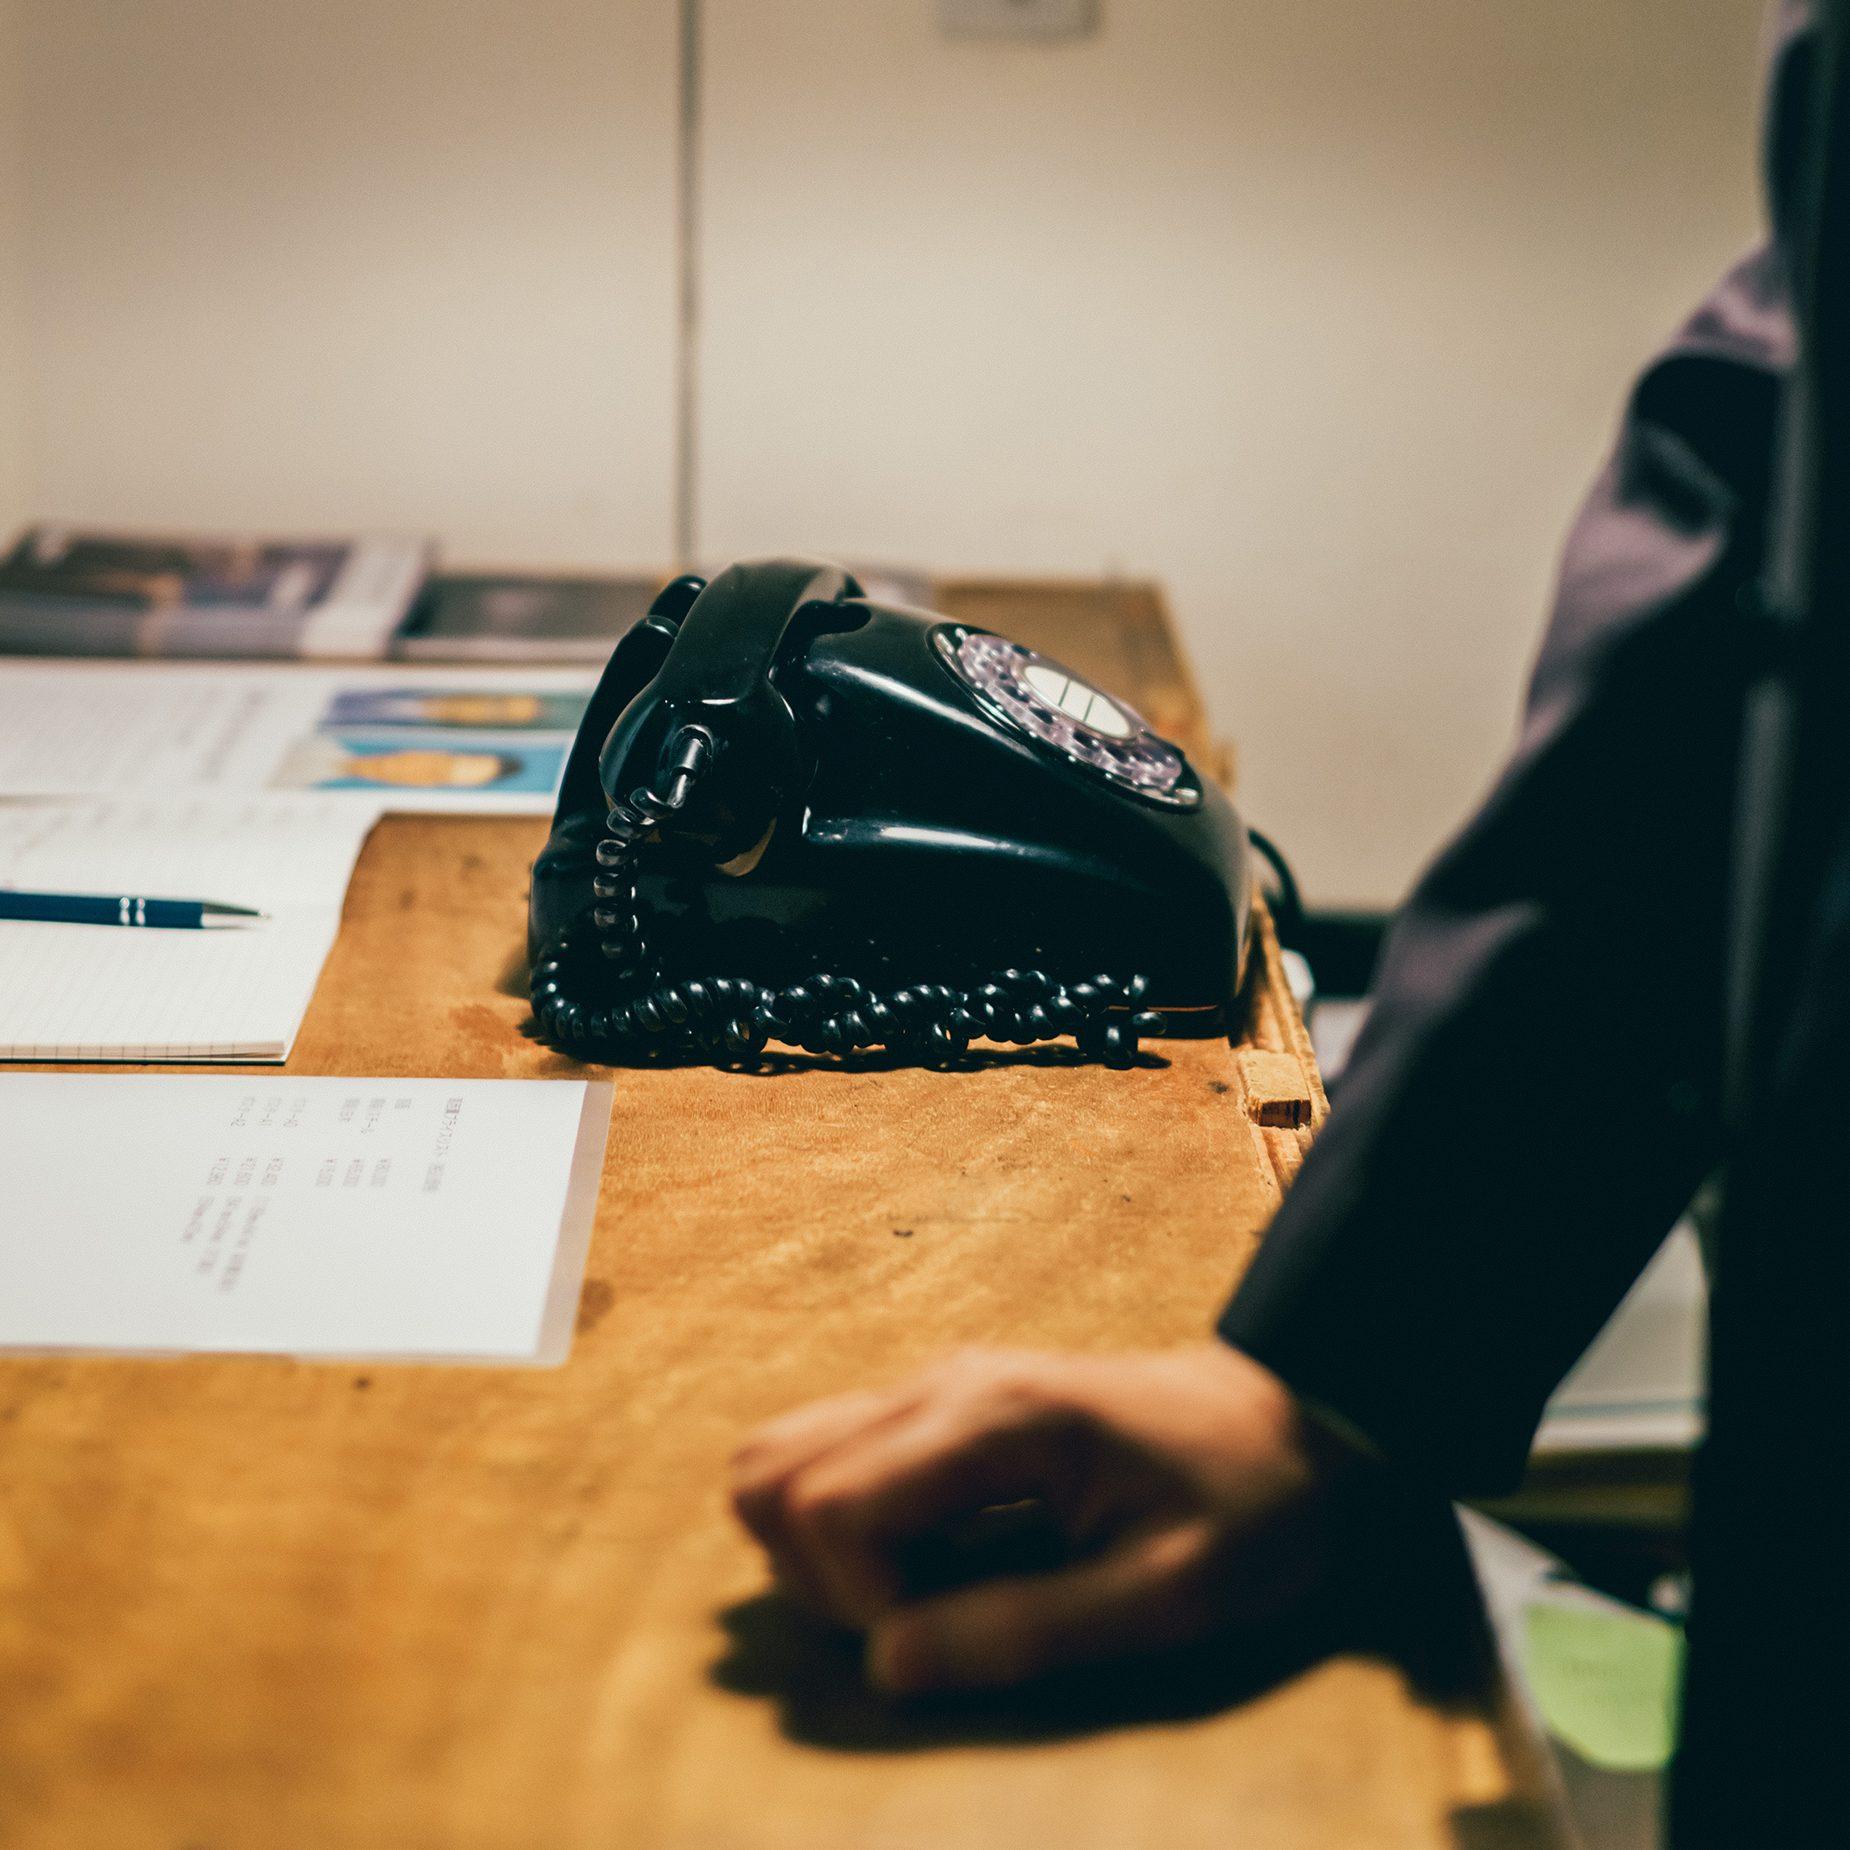 森岡書店で実際に使われている黒電話